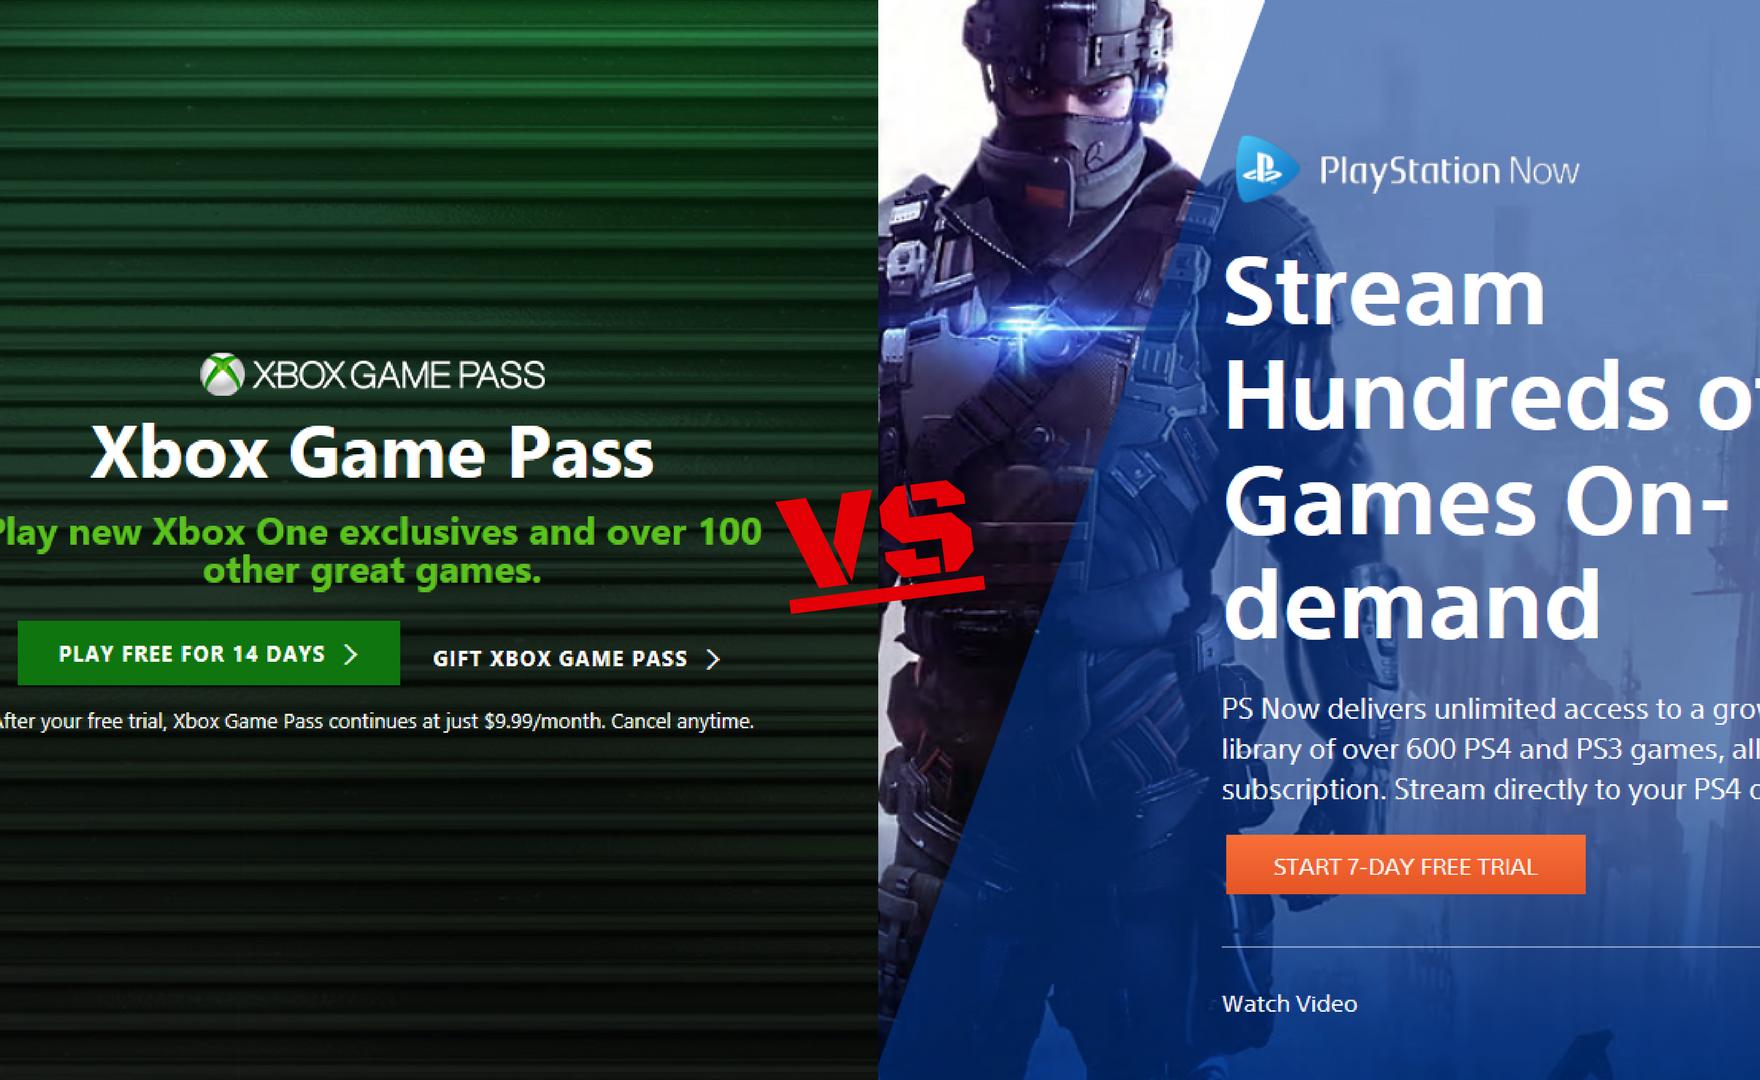 PS Now e Xbox Game Pass stanno usando lo stesso slogan?